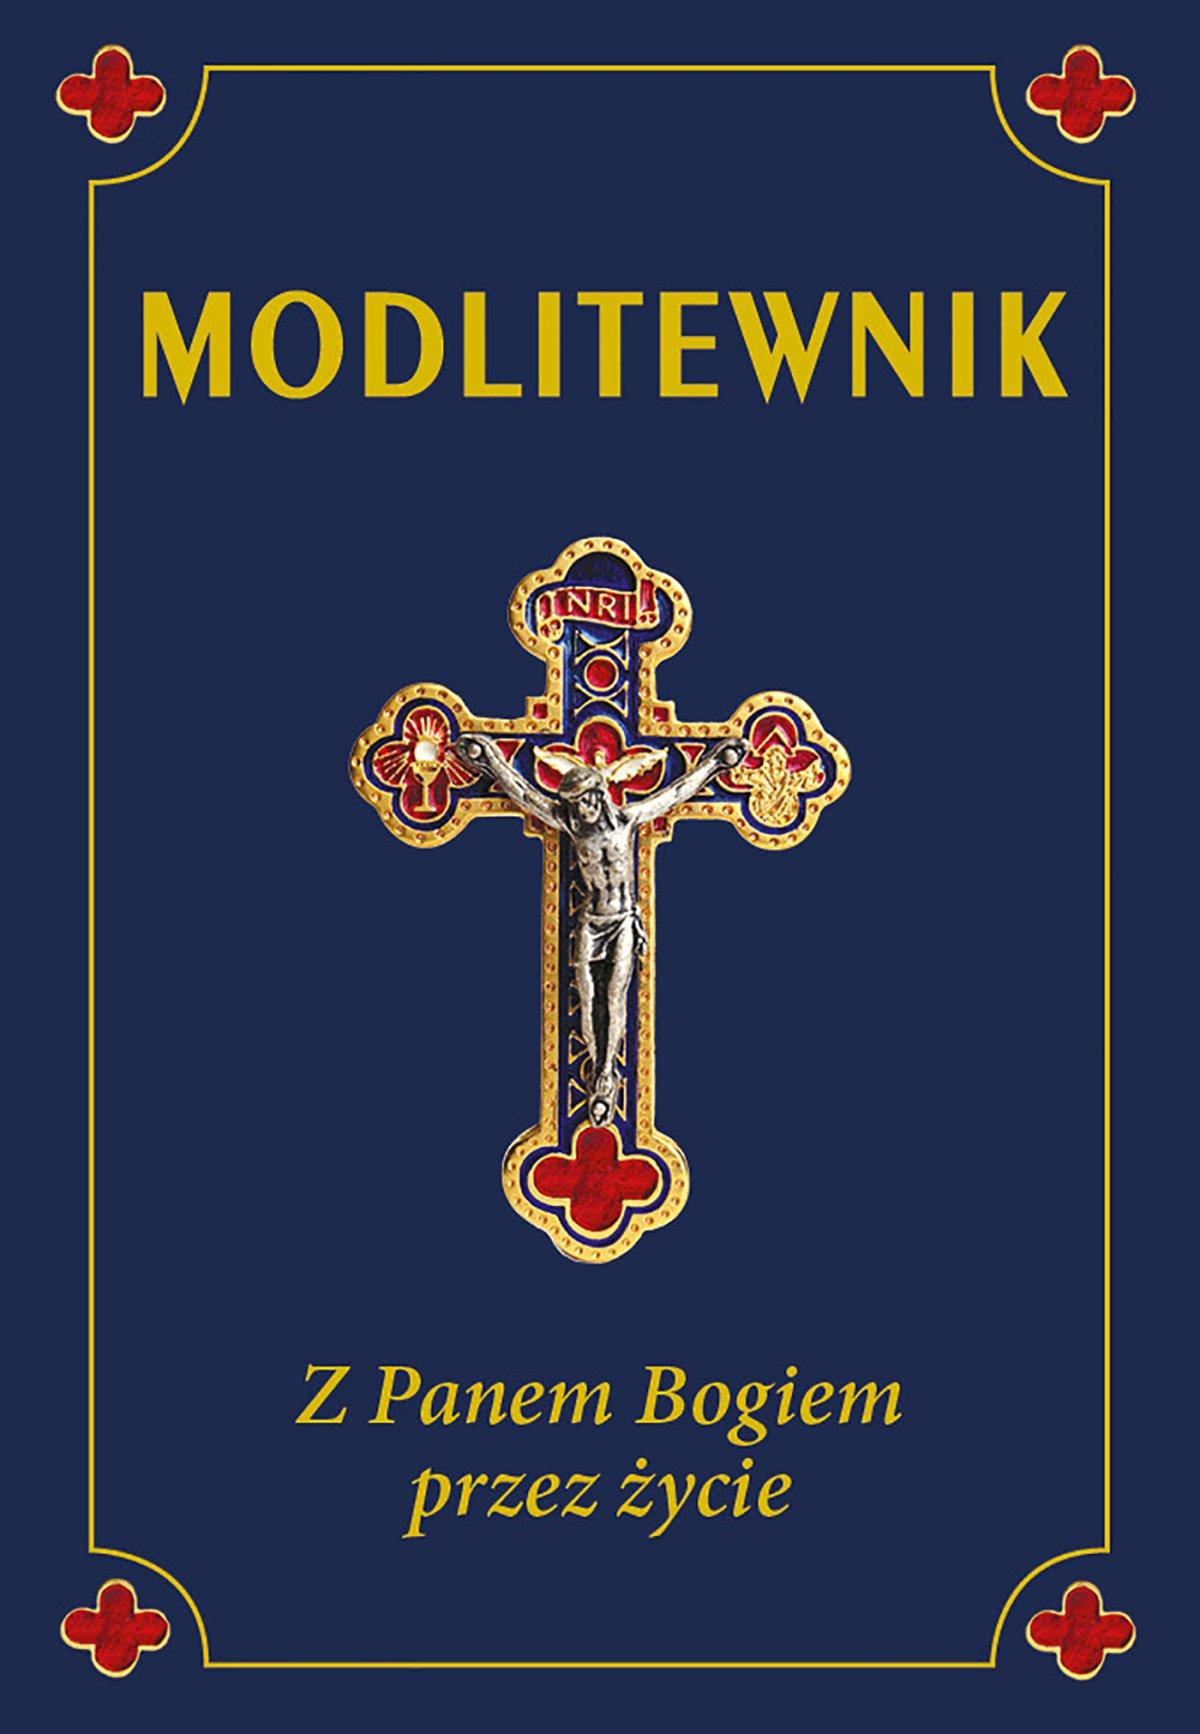 Modlitewnik. Z Panem Bogiem przez życie - Ebook (Książka PDF) do pobrania w formacie PDF